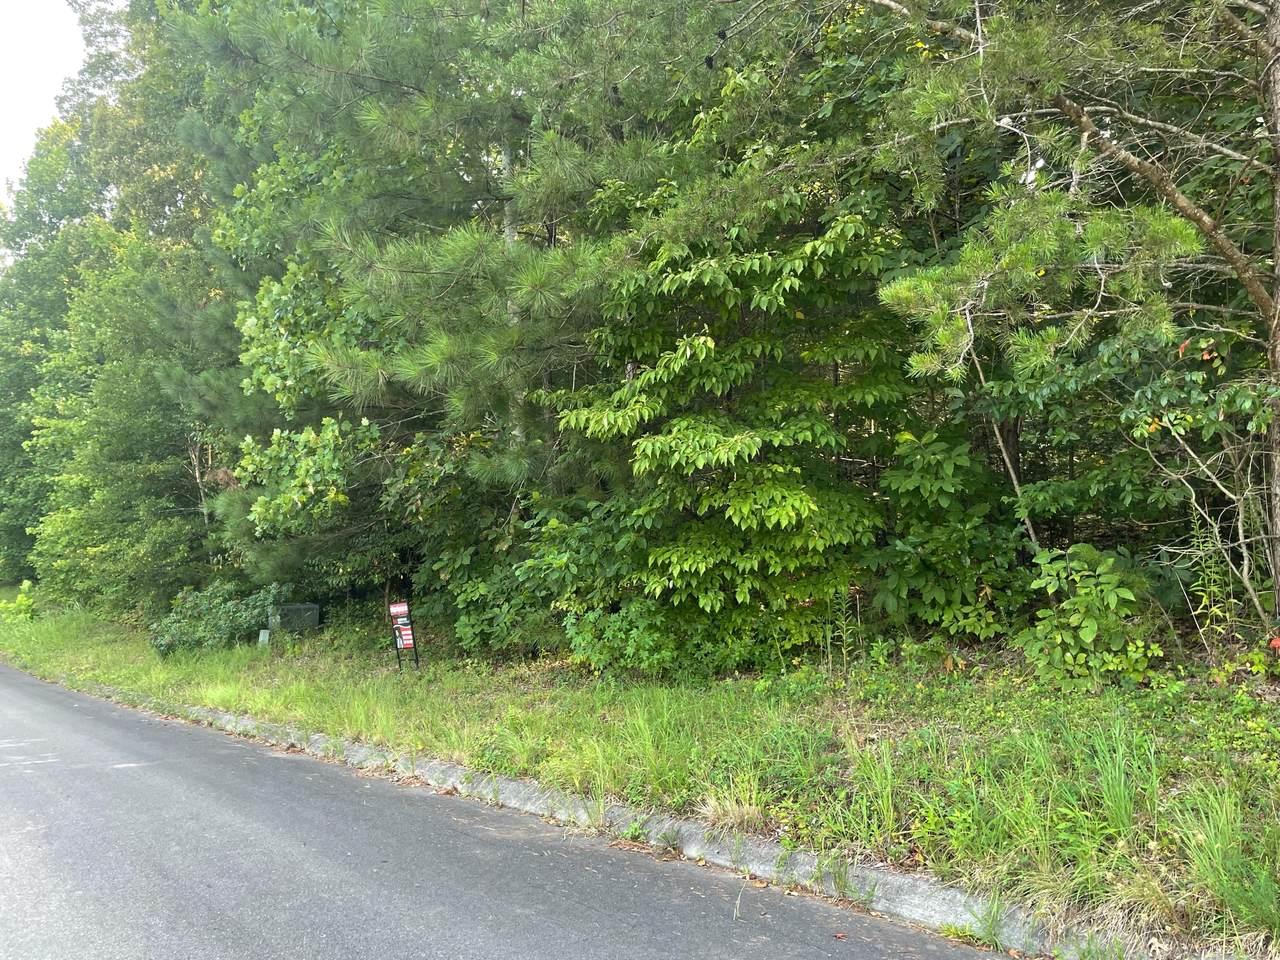 Lot 5 Percheron Northwest Dr - Photo 1